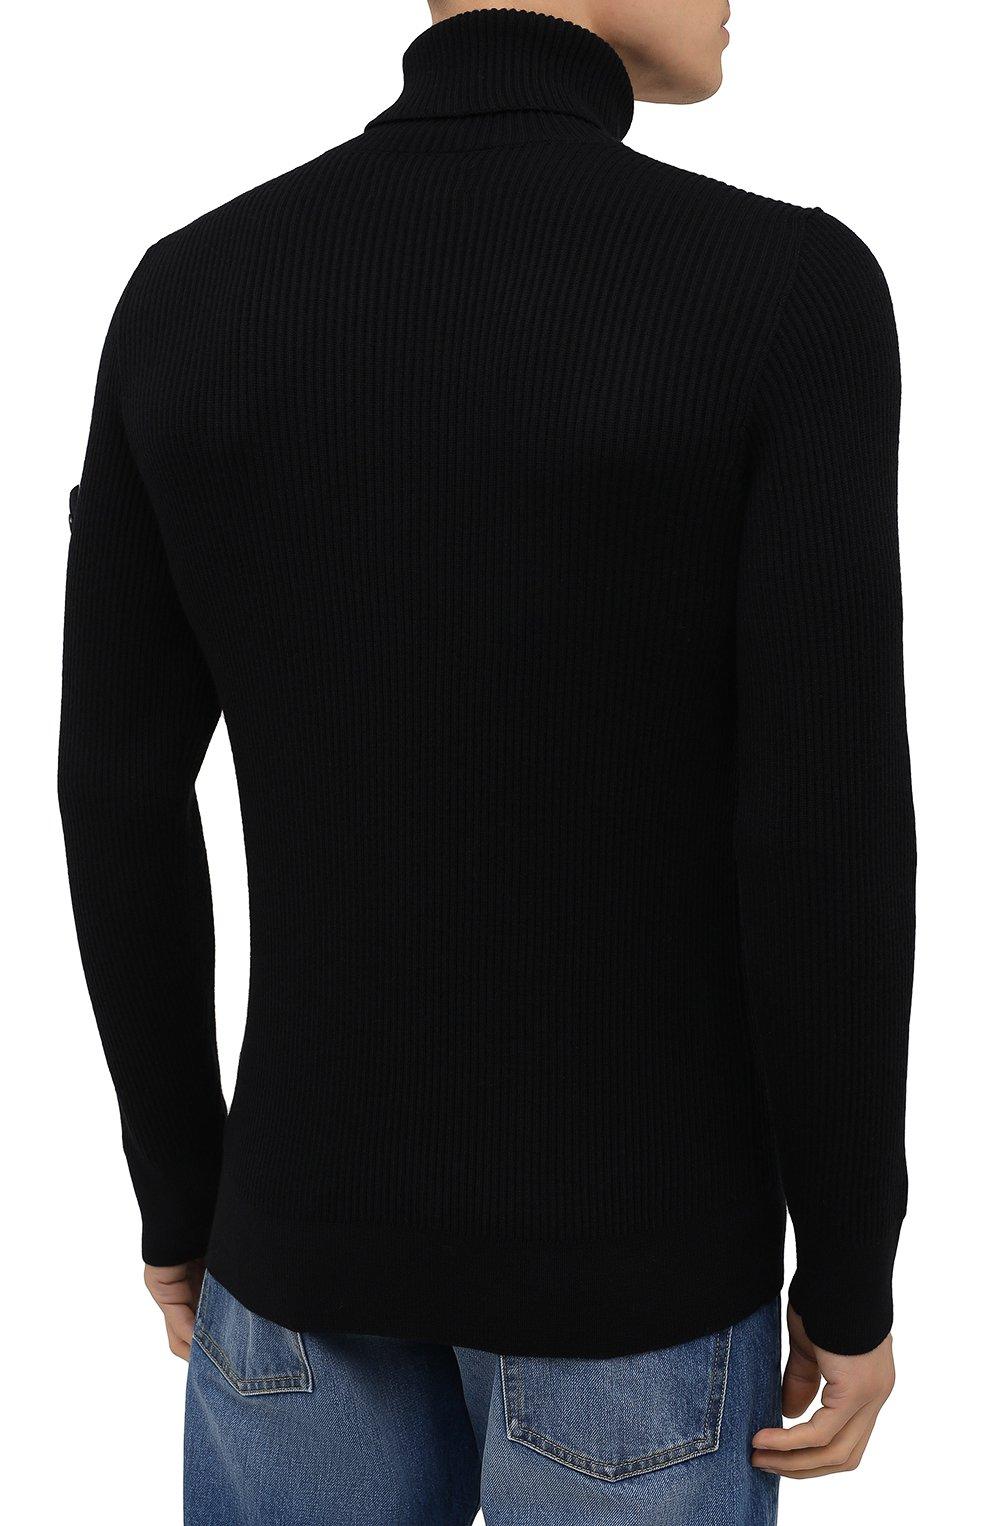 Мужской шерстяной свитер STONE ISLAND темно-синего цвета, арт. 7515525C2 | Фото 4 (Материал внешний: Шерсть; Рукава: Длинные; Принт: Без принта; Длина (для топов): Стандартные; Мужское Кросс-КТ: Свитер-одежда; Стили: Кэжуэл)